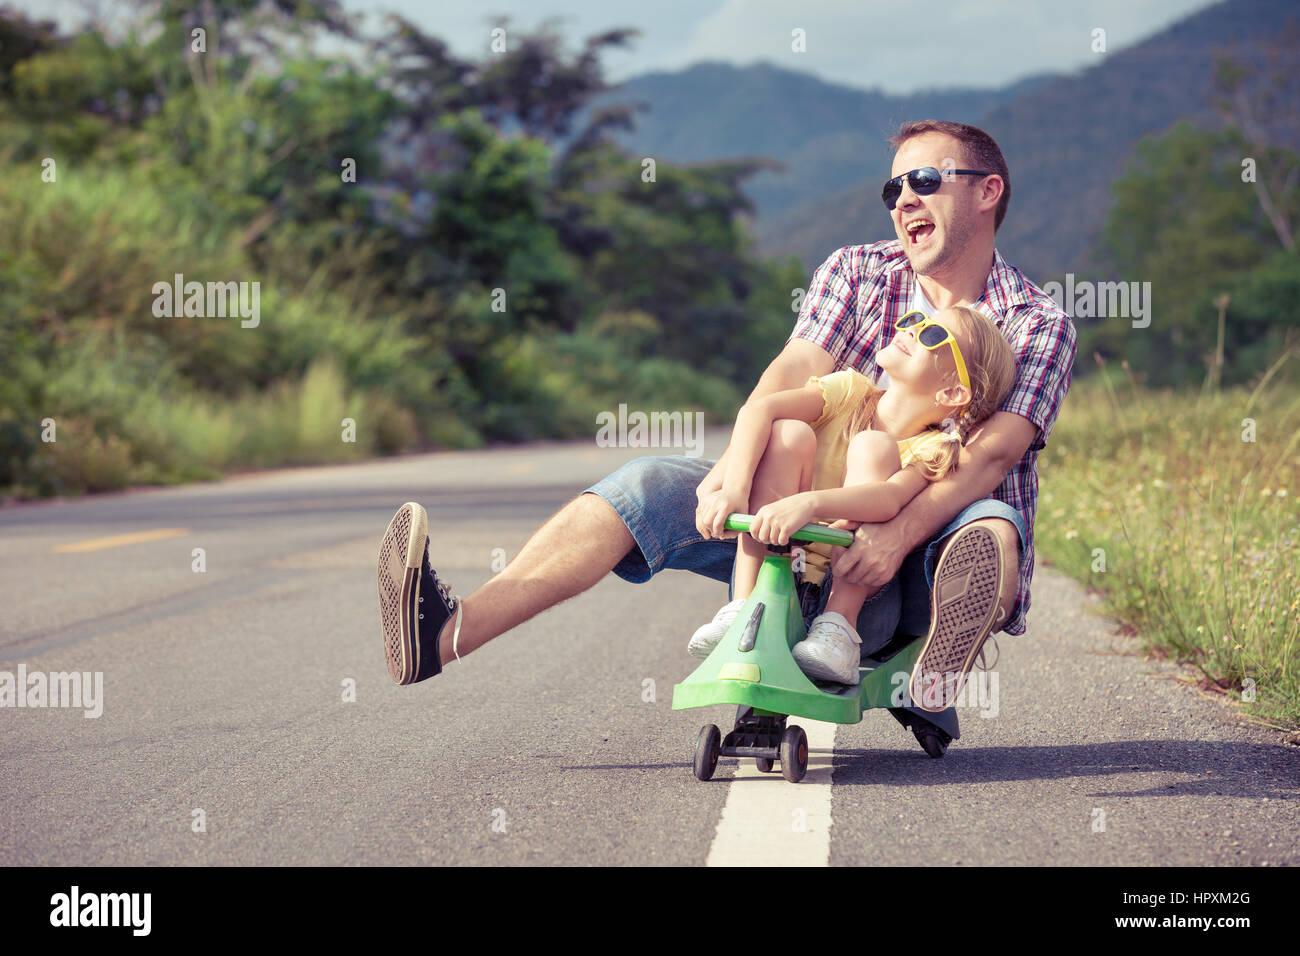 Padre e hija, jugando en la calle en el día. Concepto de ambiente familiar. Imagen De Stock